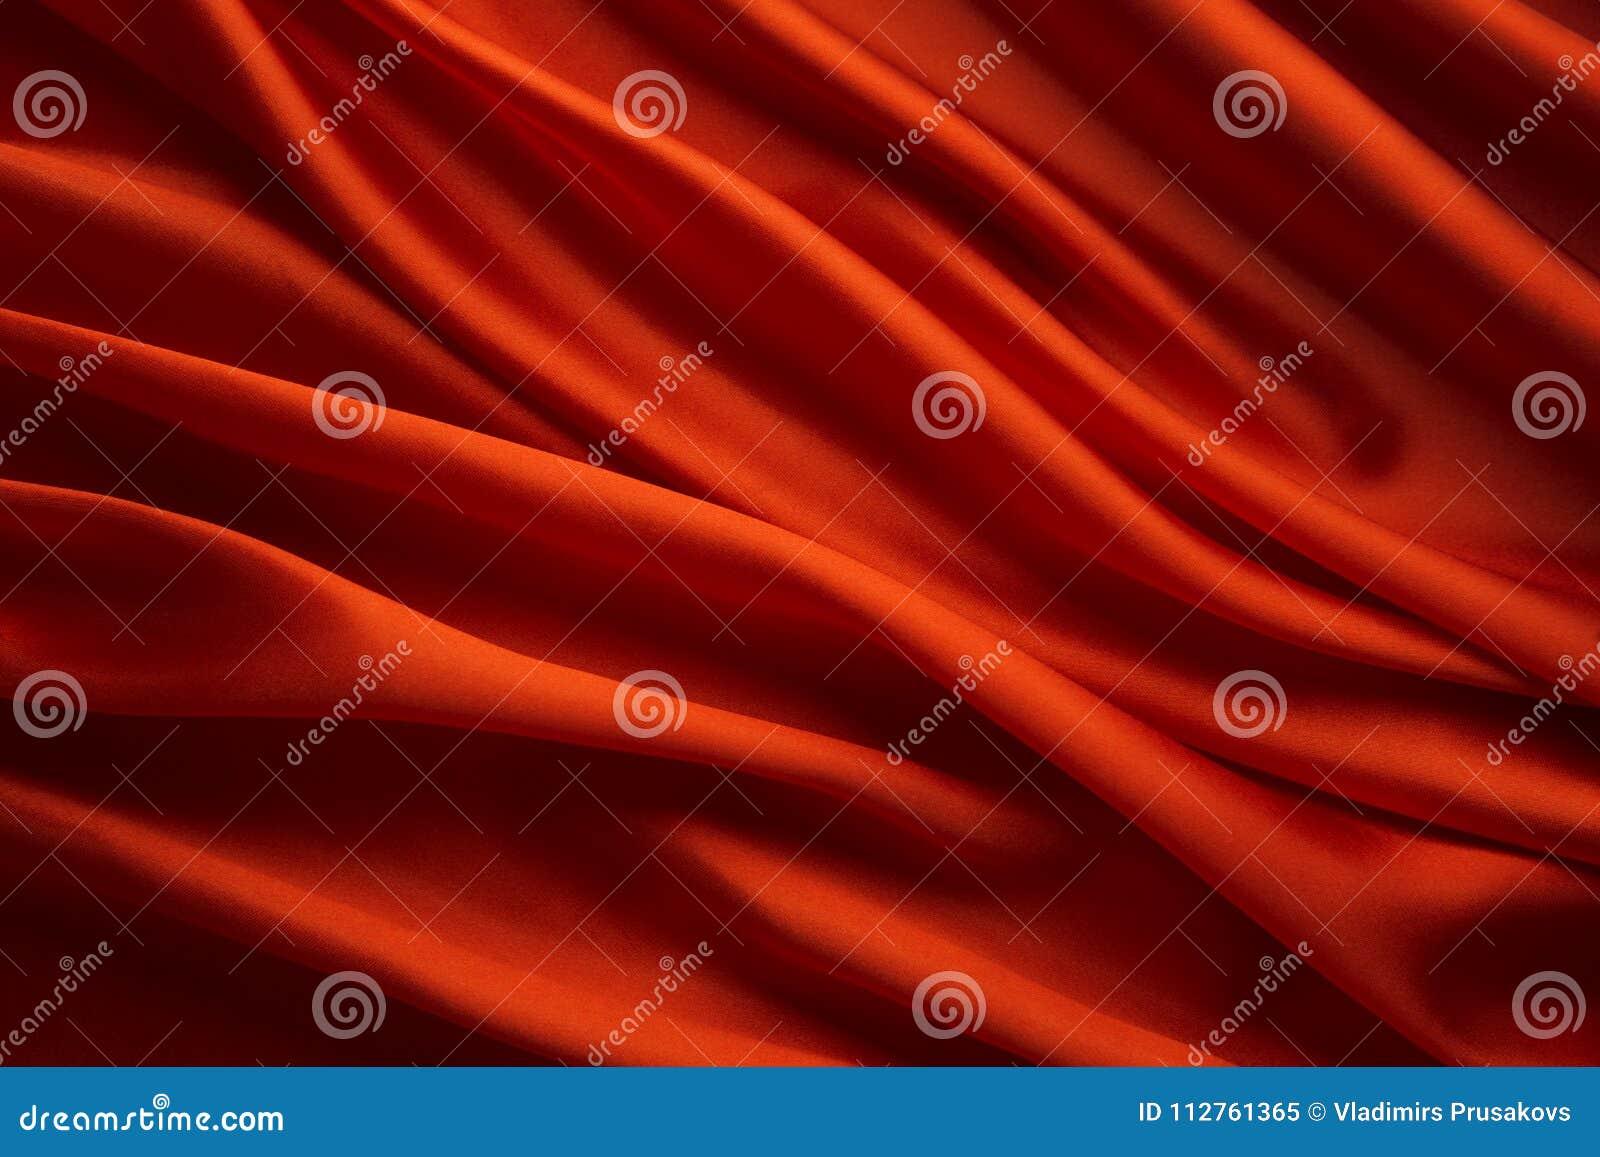 De rode Achtergrond van de Zijdestof, de Golventextuur van de Satijndoek